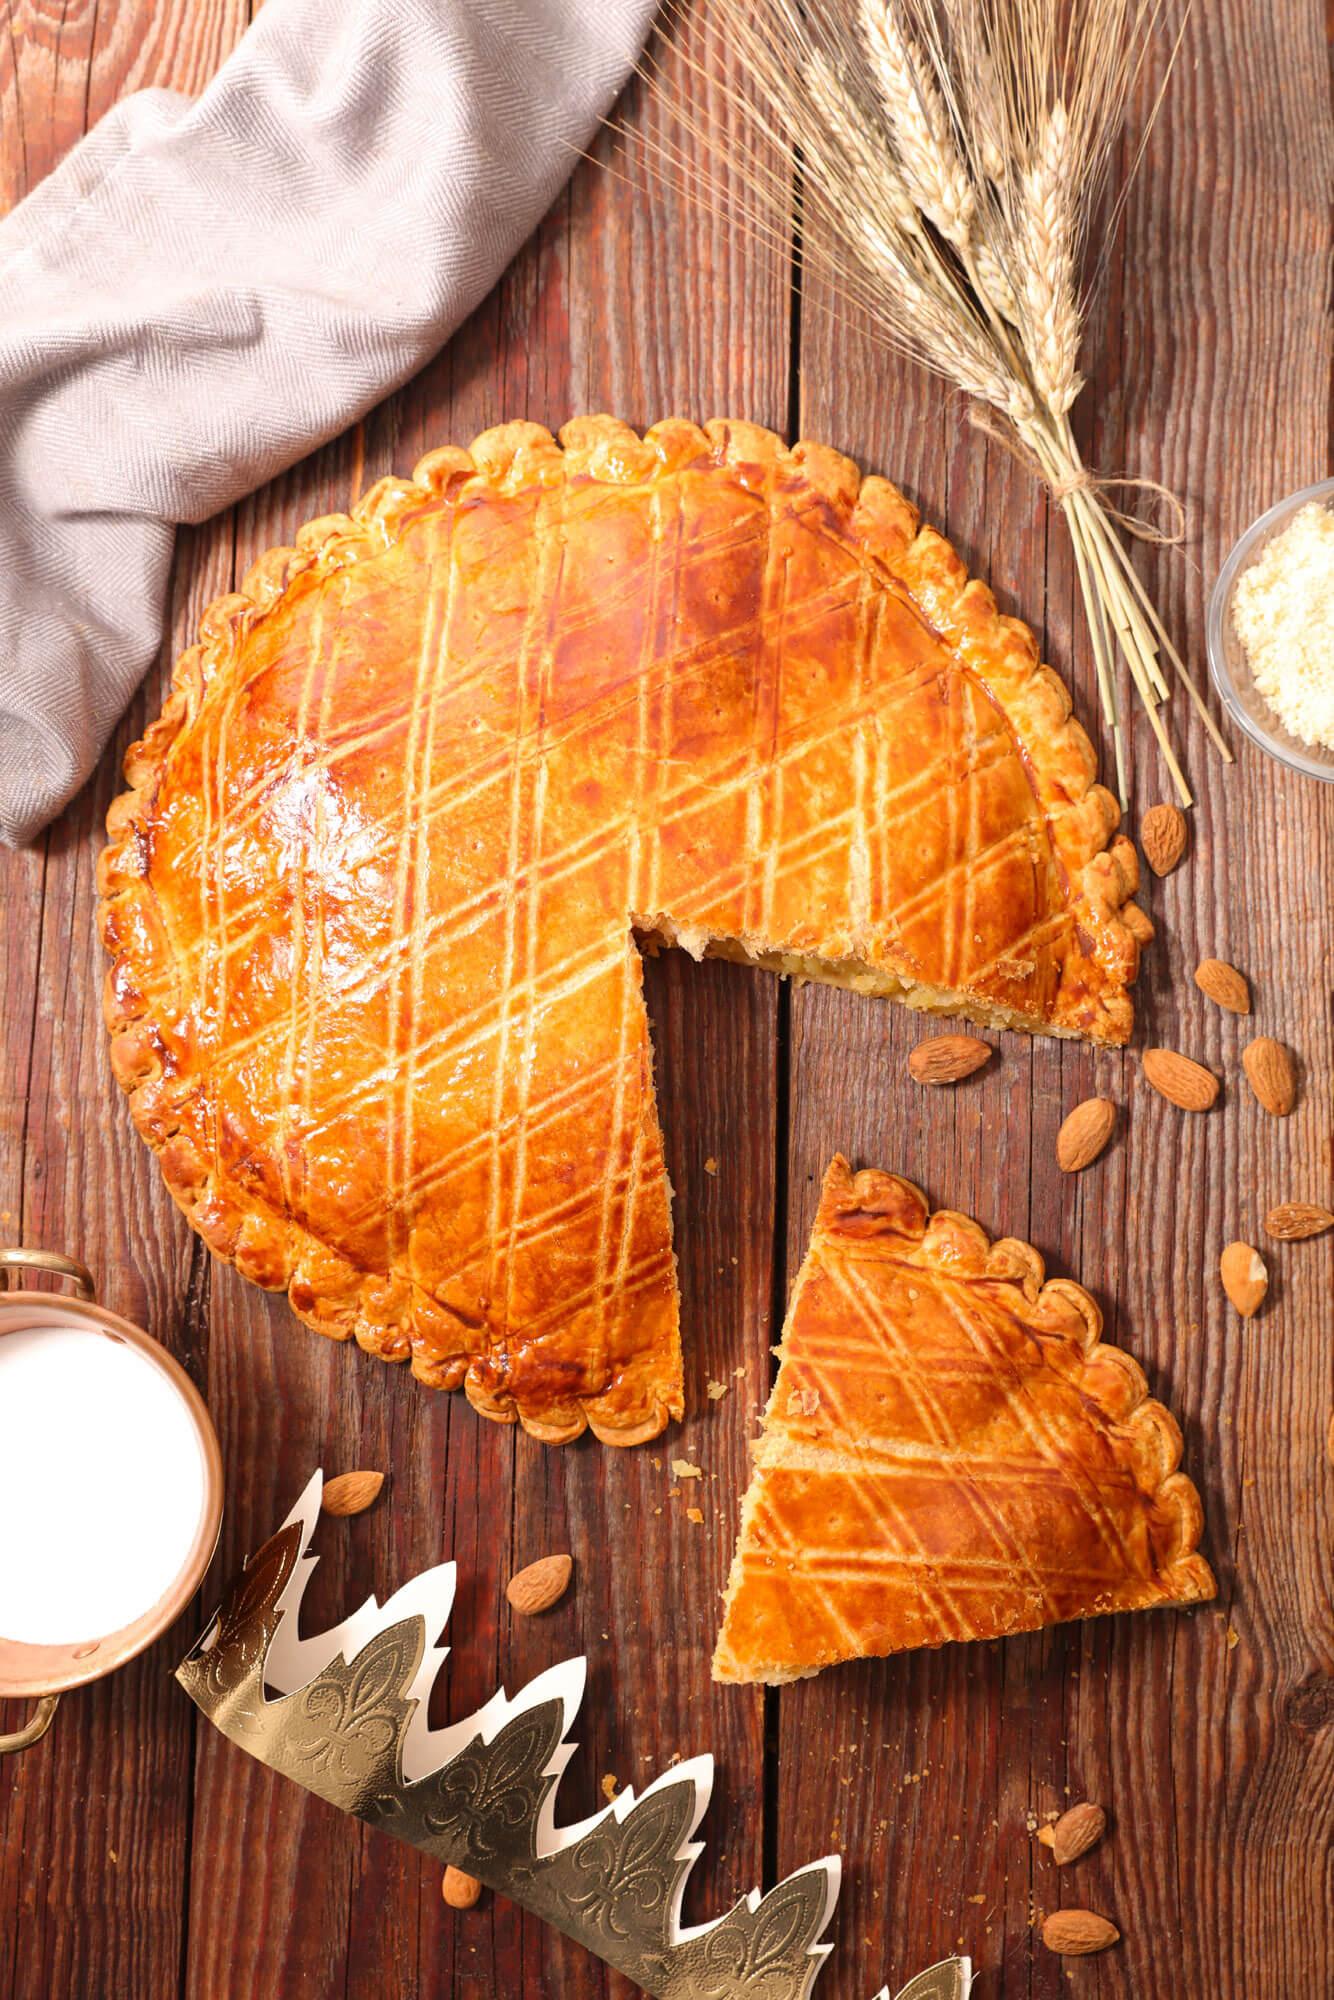 Gros plan sur une galette vue du dessus avec part découpée, amandes dispersées, épi de blé posés sur une table en bois